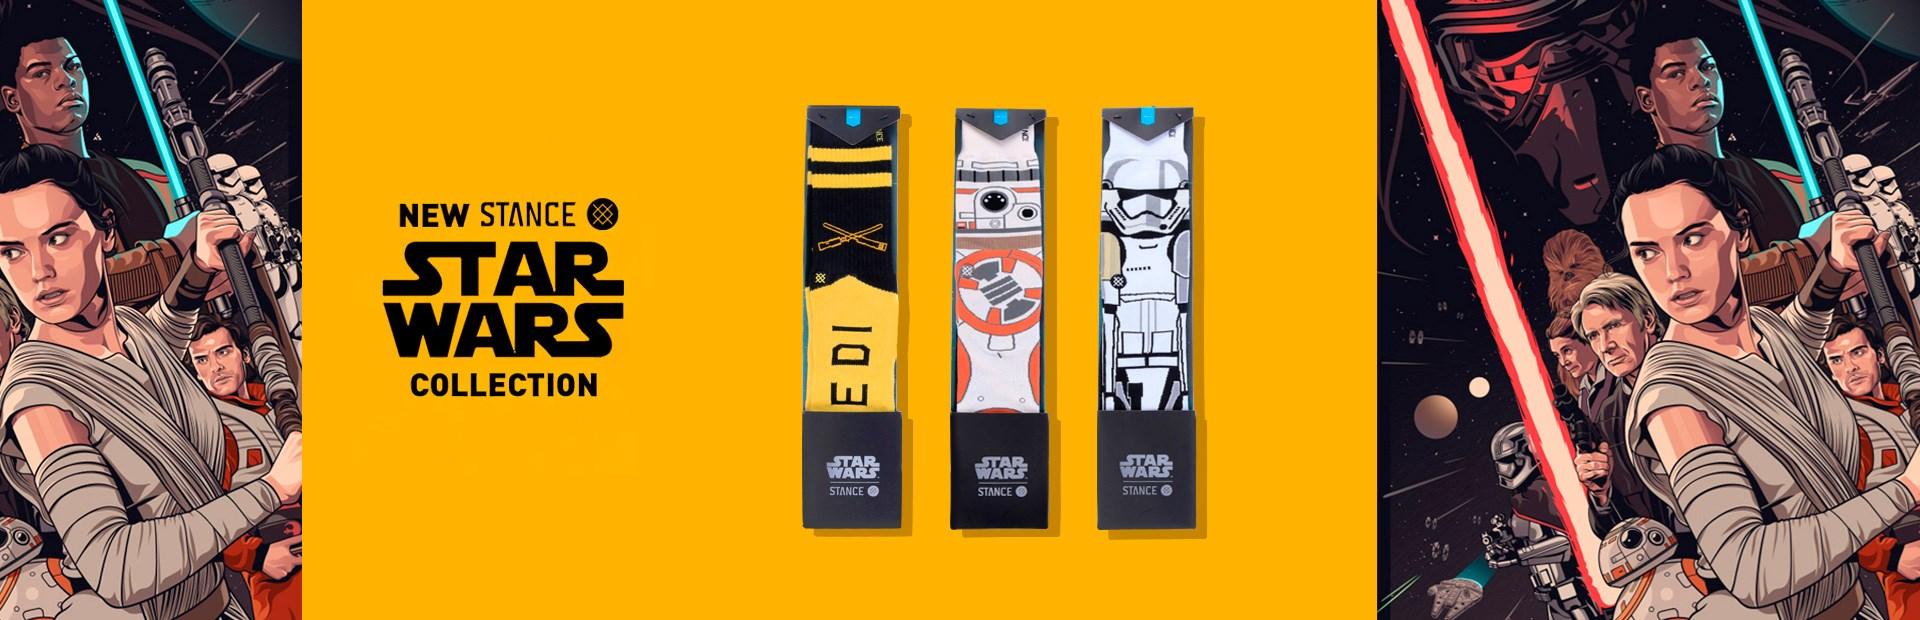 Meia Stance x Star Wars